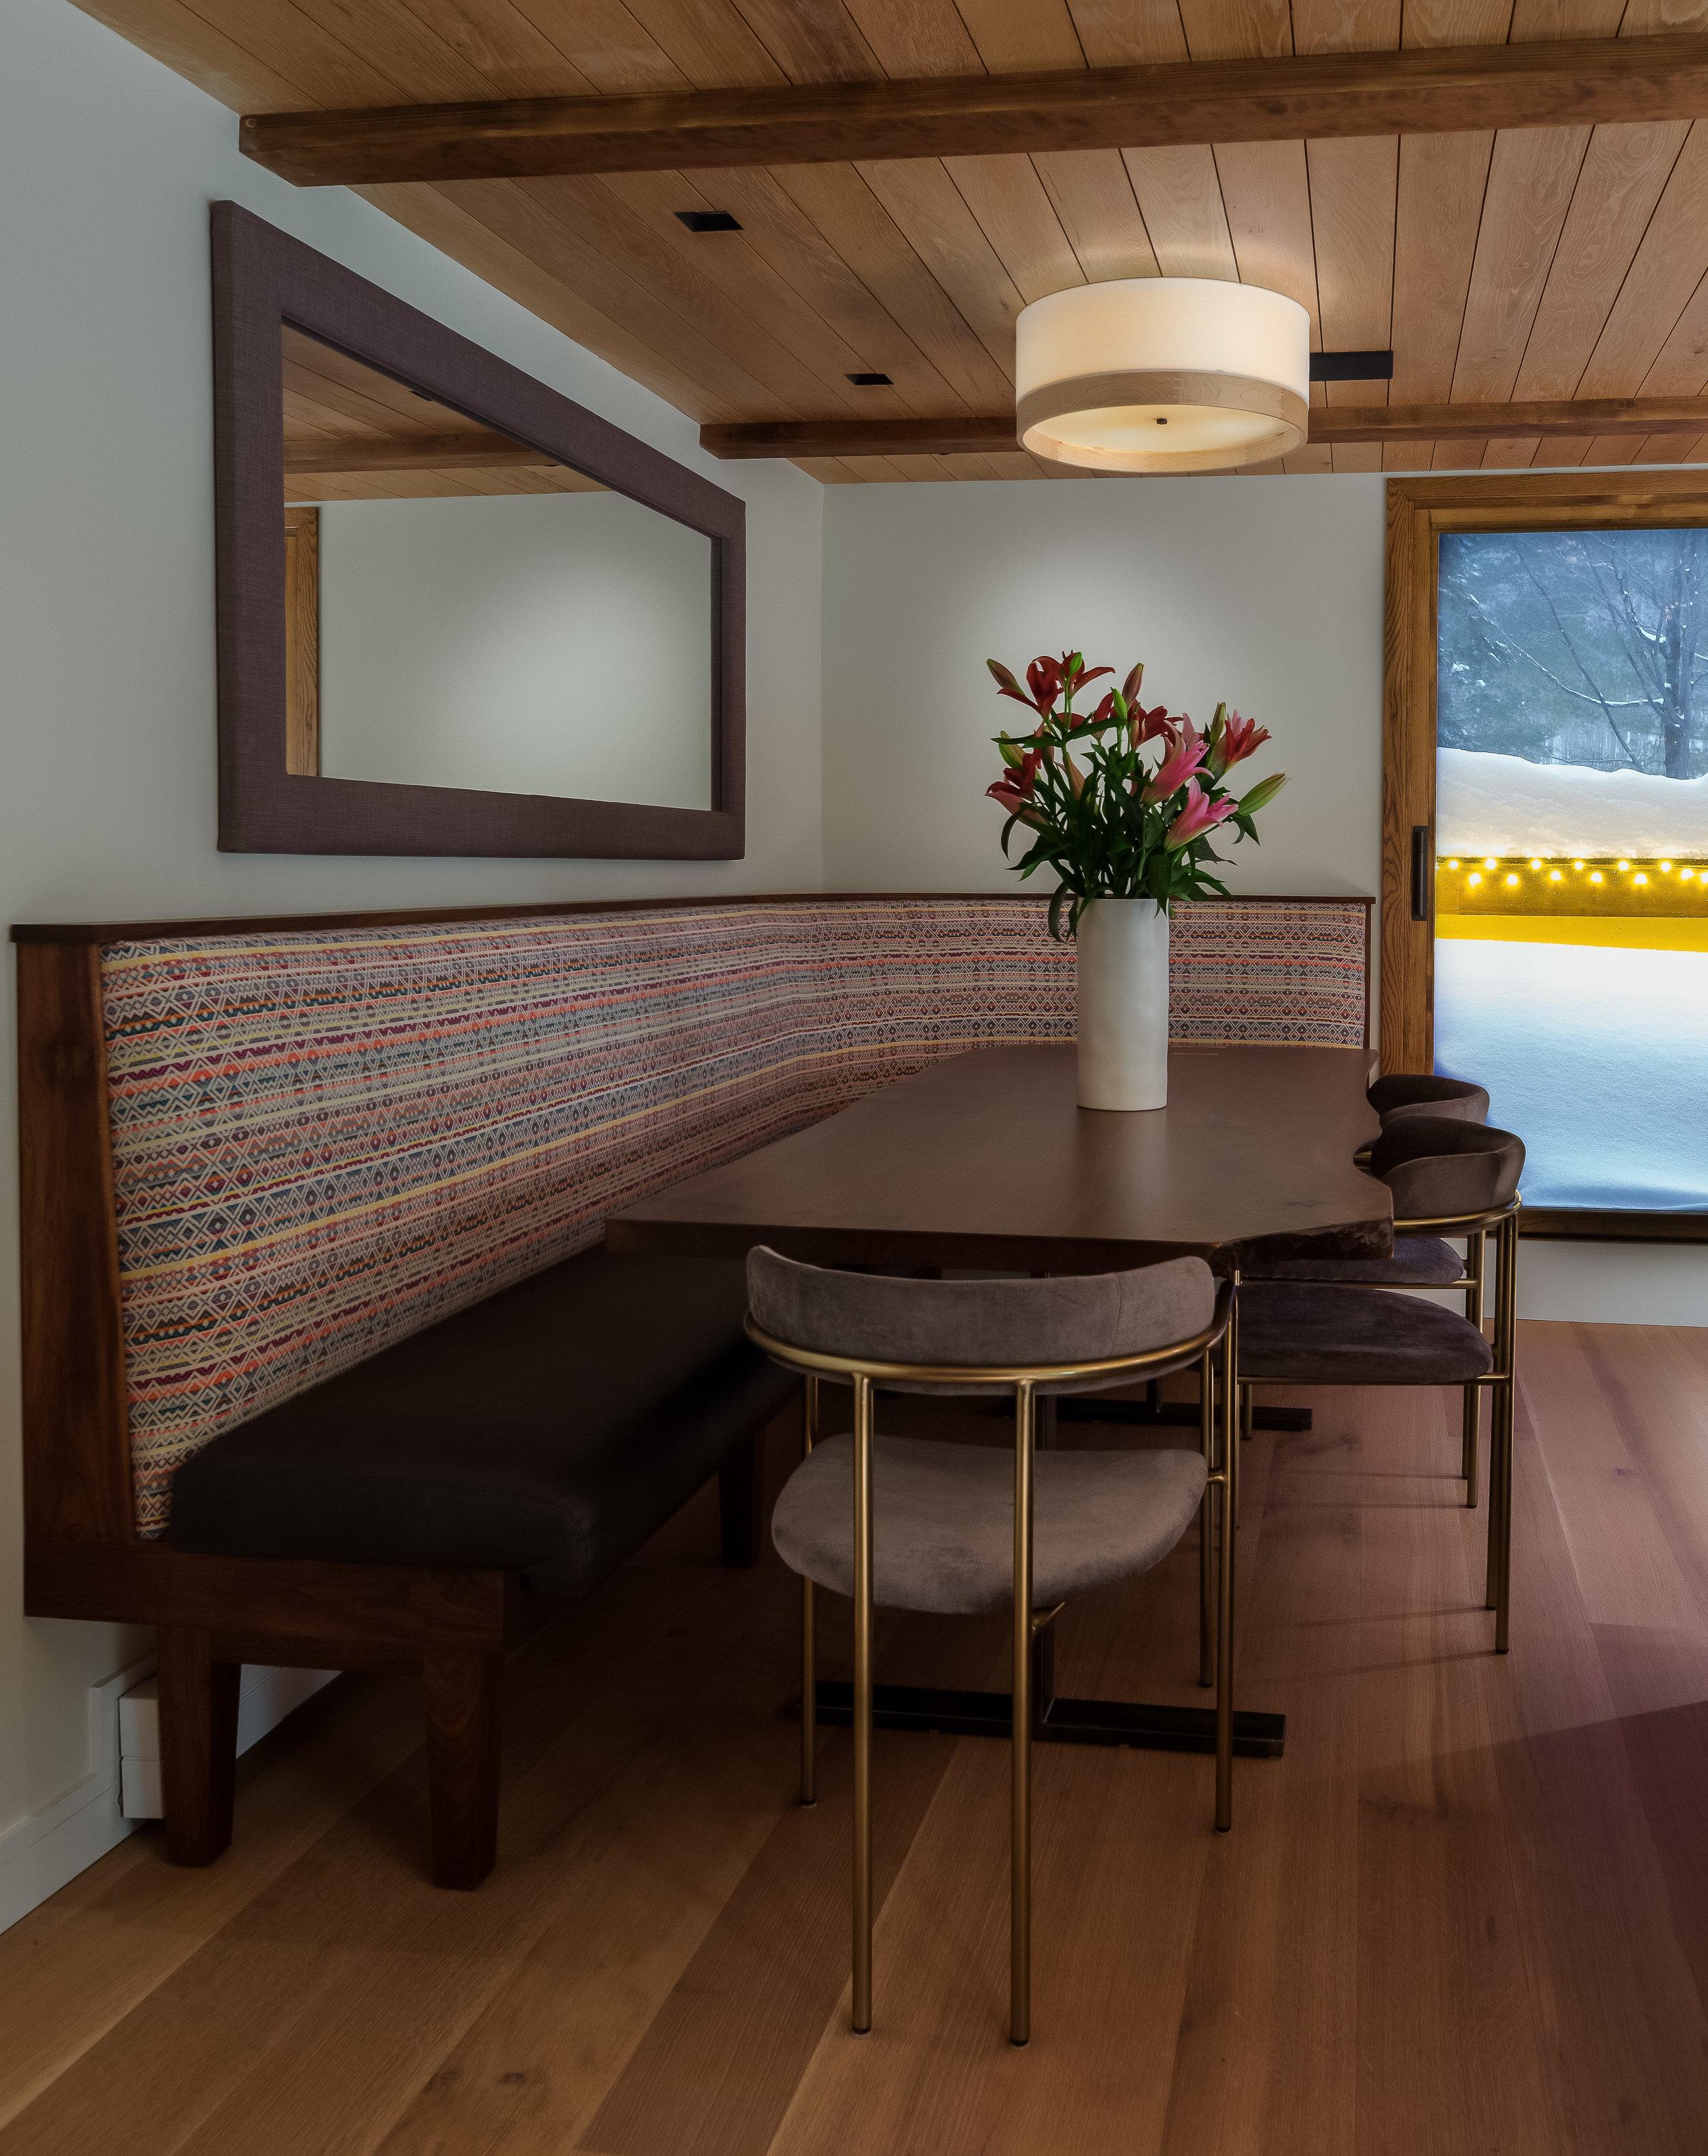 Banquette Deck 19-0110 Notchbrook-0116.jpg